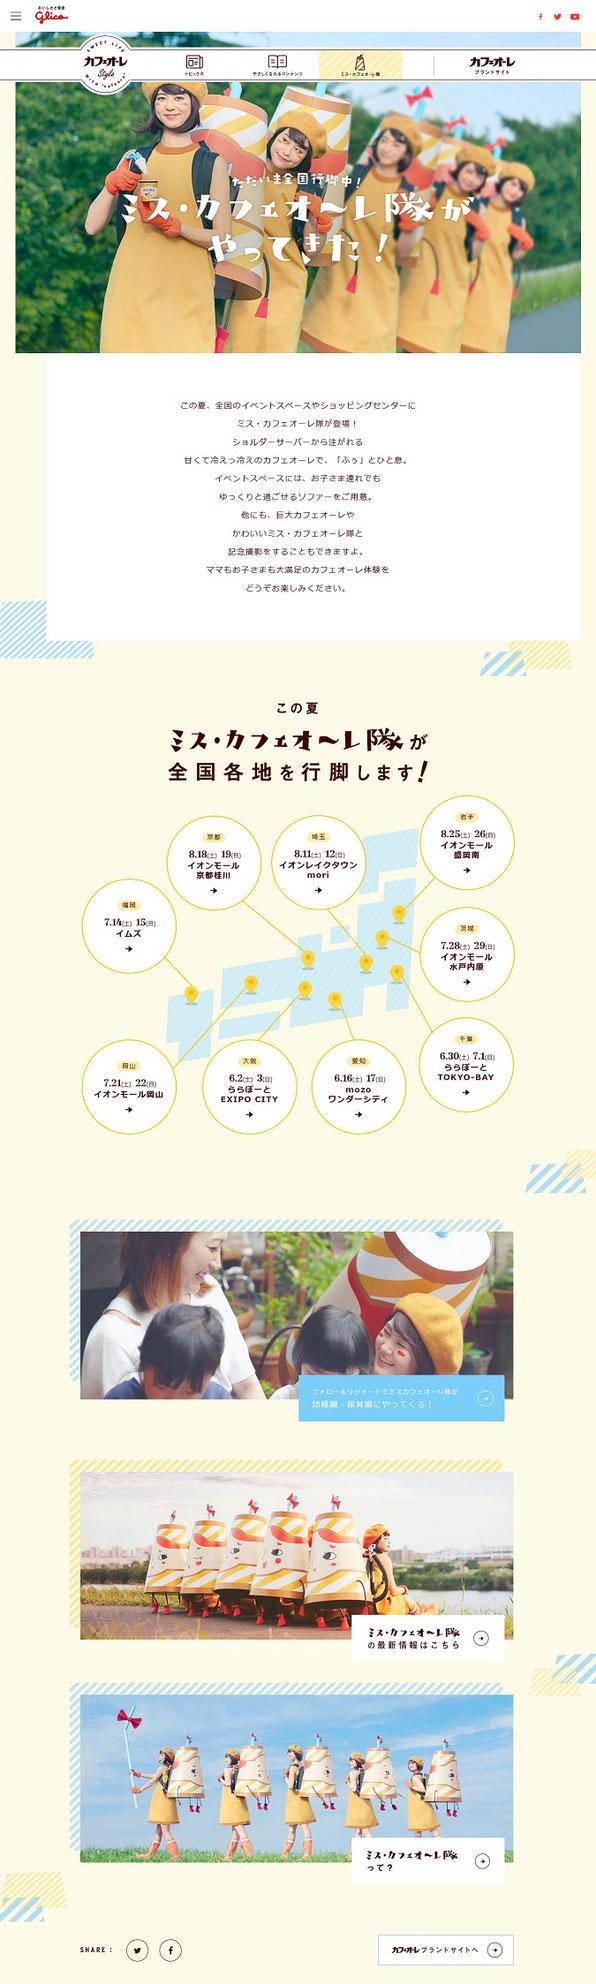 【グリコ】カフェオーレ Style ミス・カフェオーレ隊がやってきた!